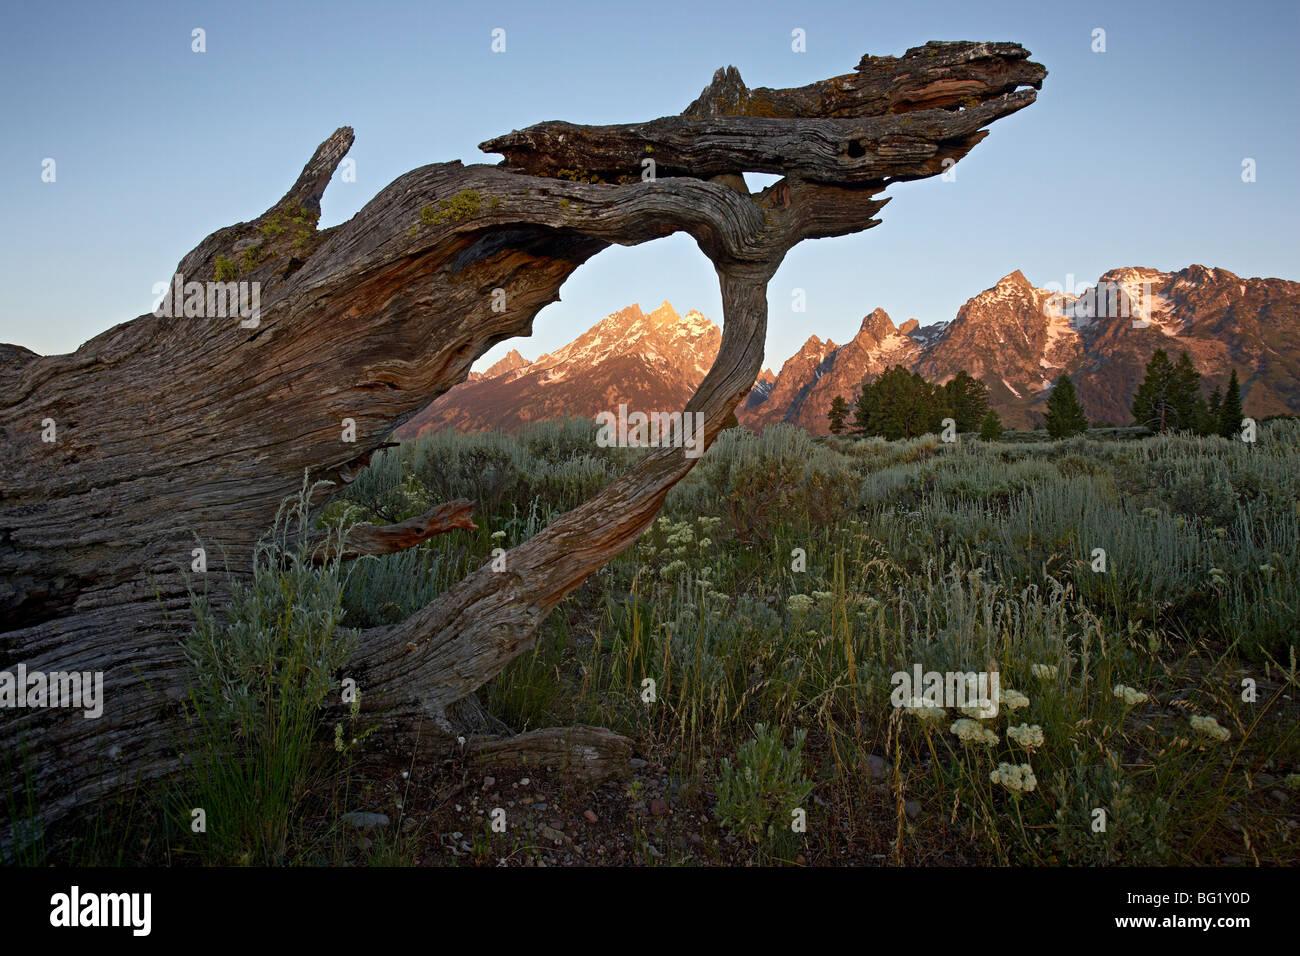 Teton im ersten Licht, Grand-Teton-Nationalpark, Wyoming, Vereinigte Staaten von Amerika, Nordamerika Stockbild